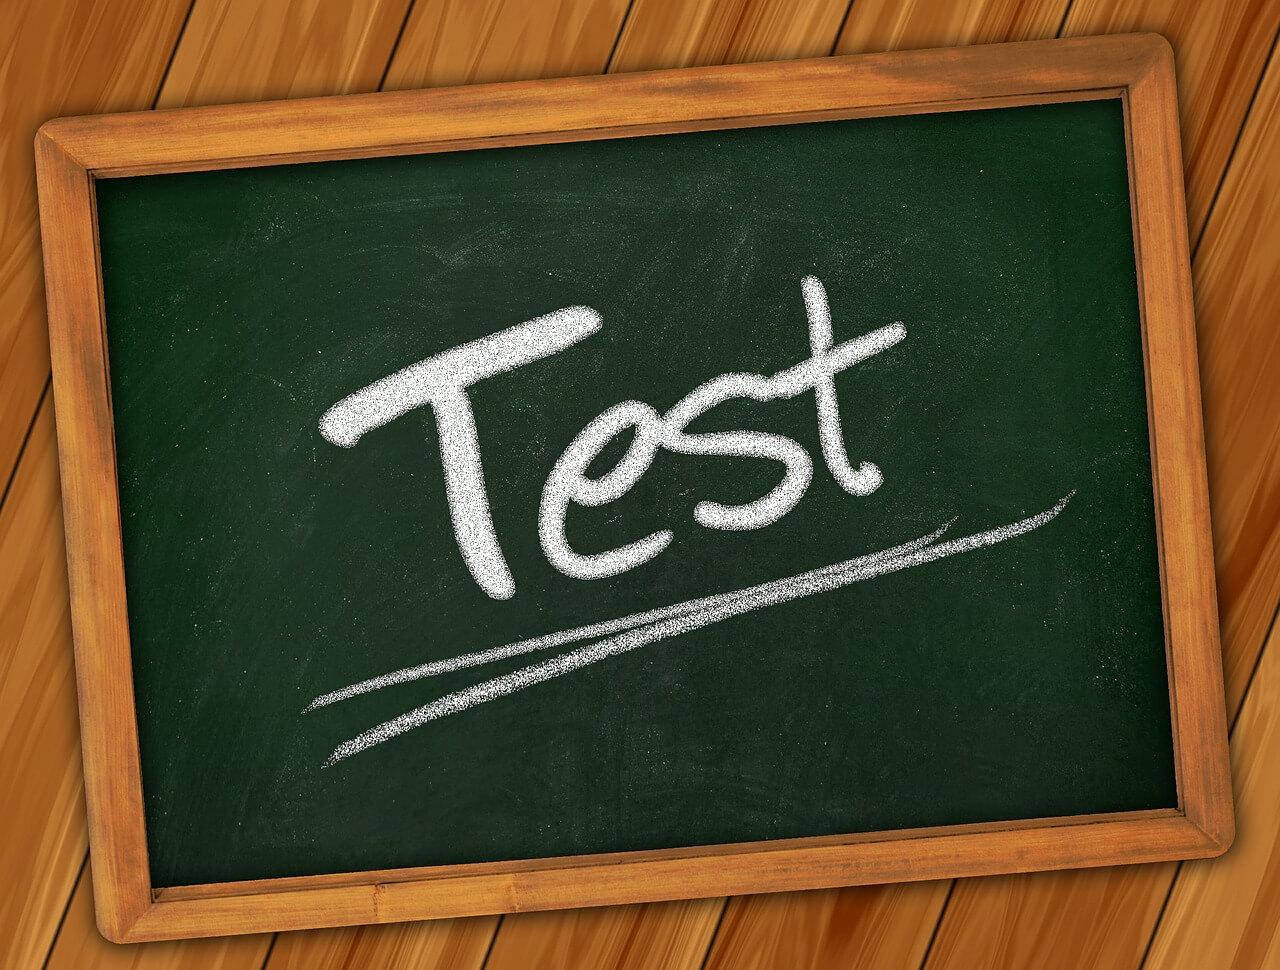 バックテストの結果を踏まえ、ポートフォリオの一部(債券)を変更します。